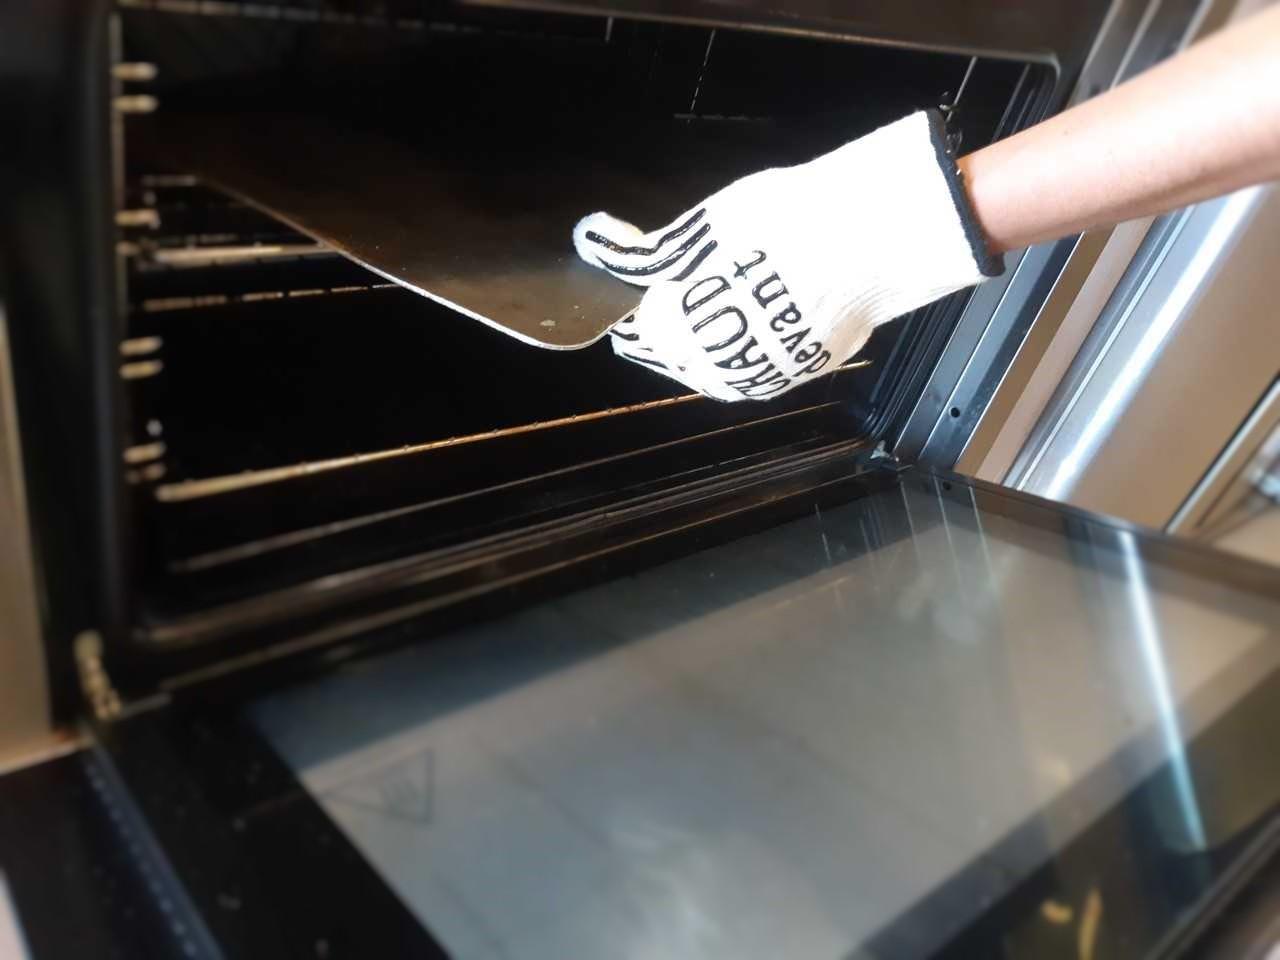 gant de cuisine anti chaleur Gant de cuisine anti-chaleur coton et silicone